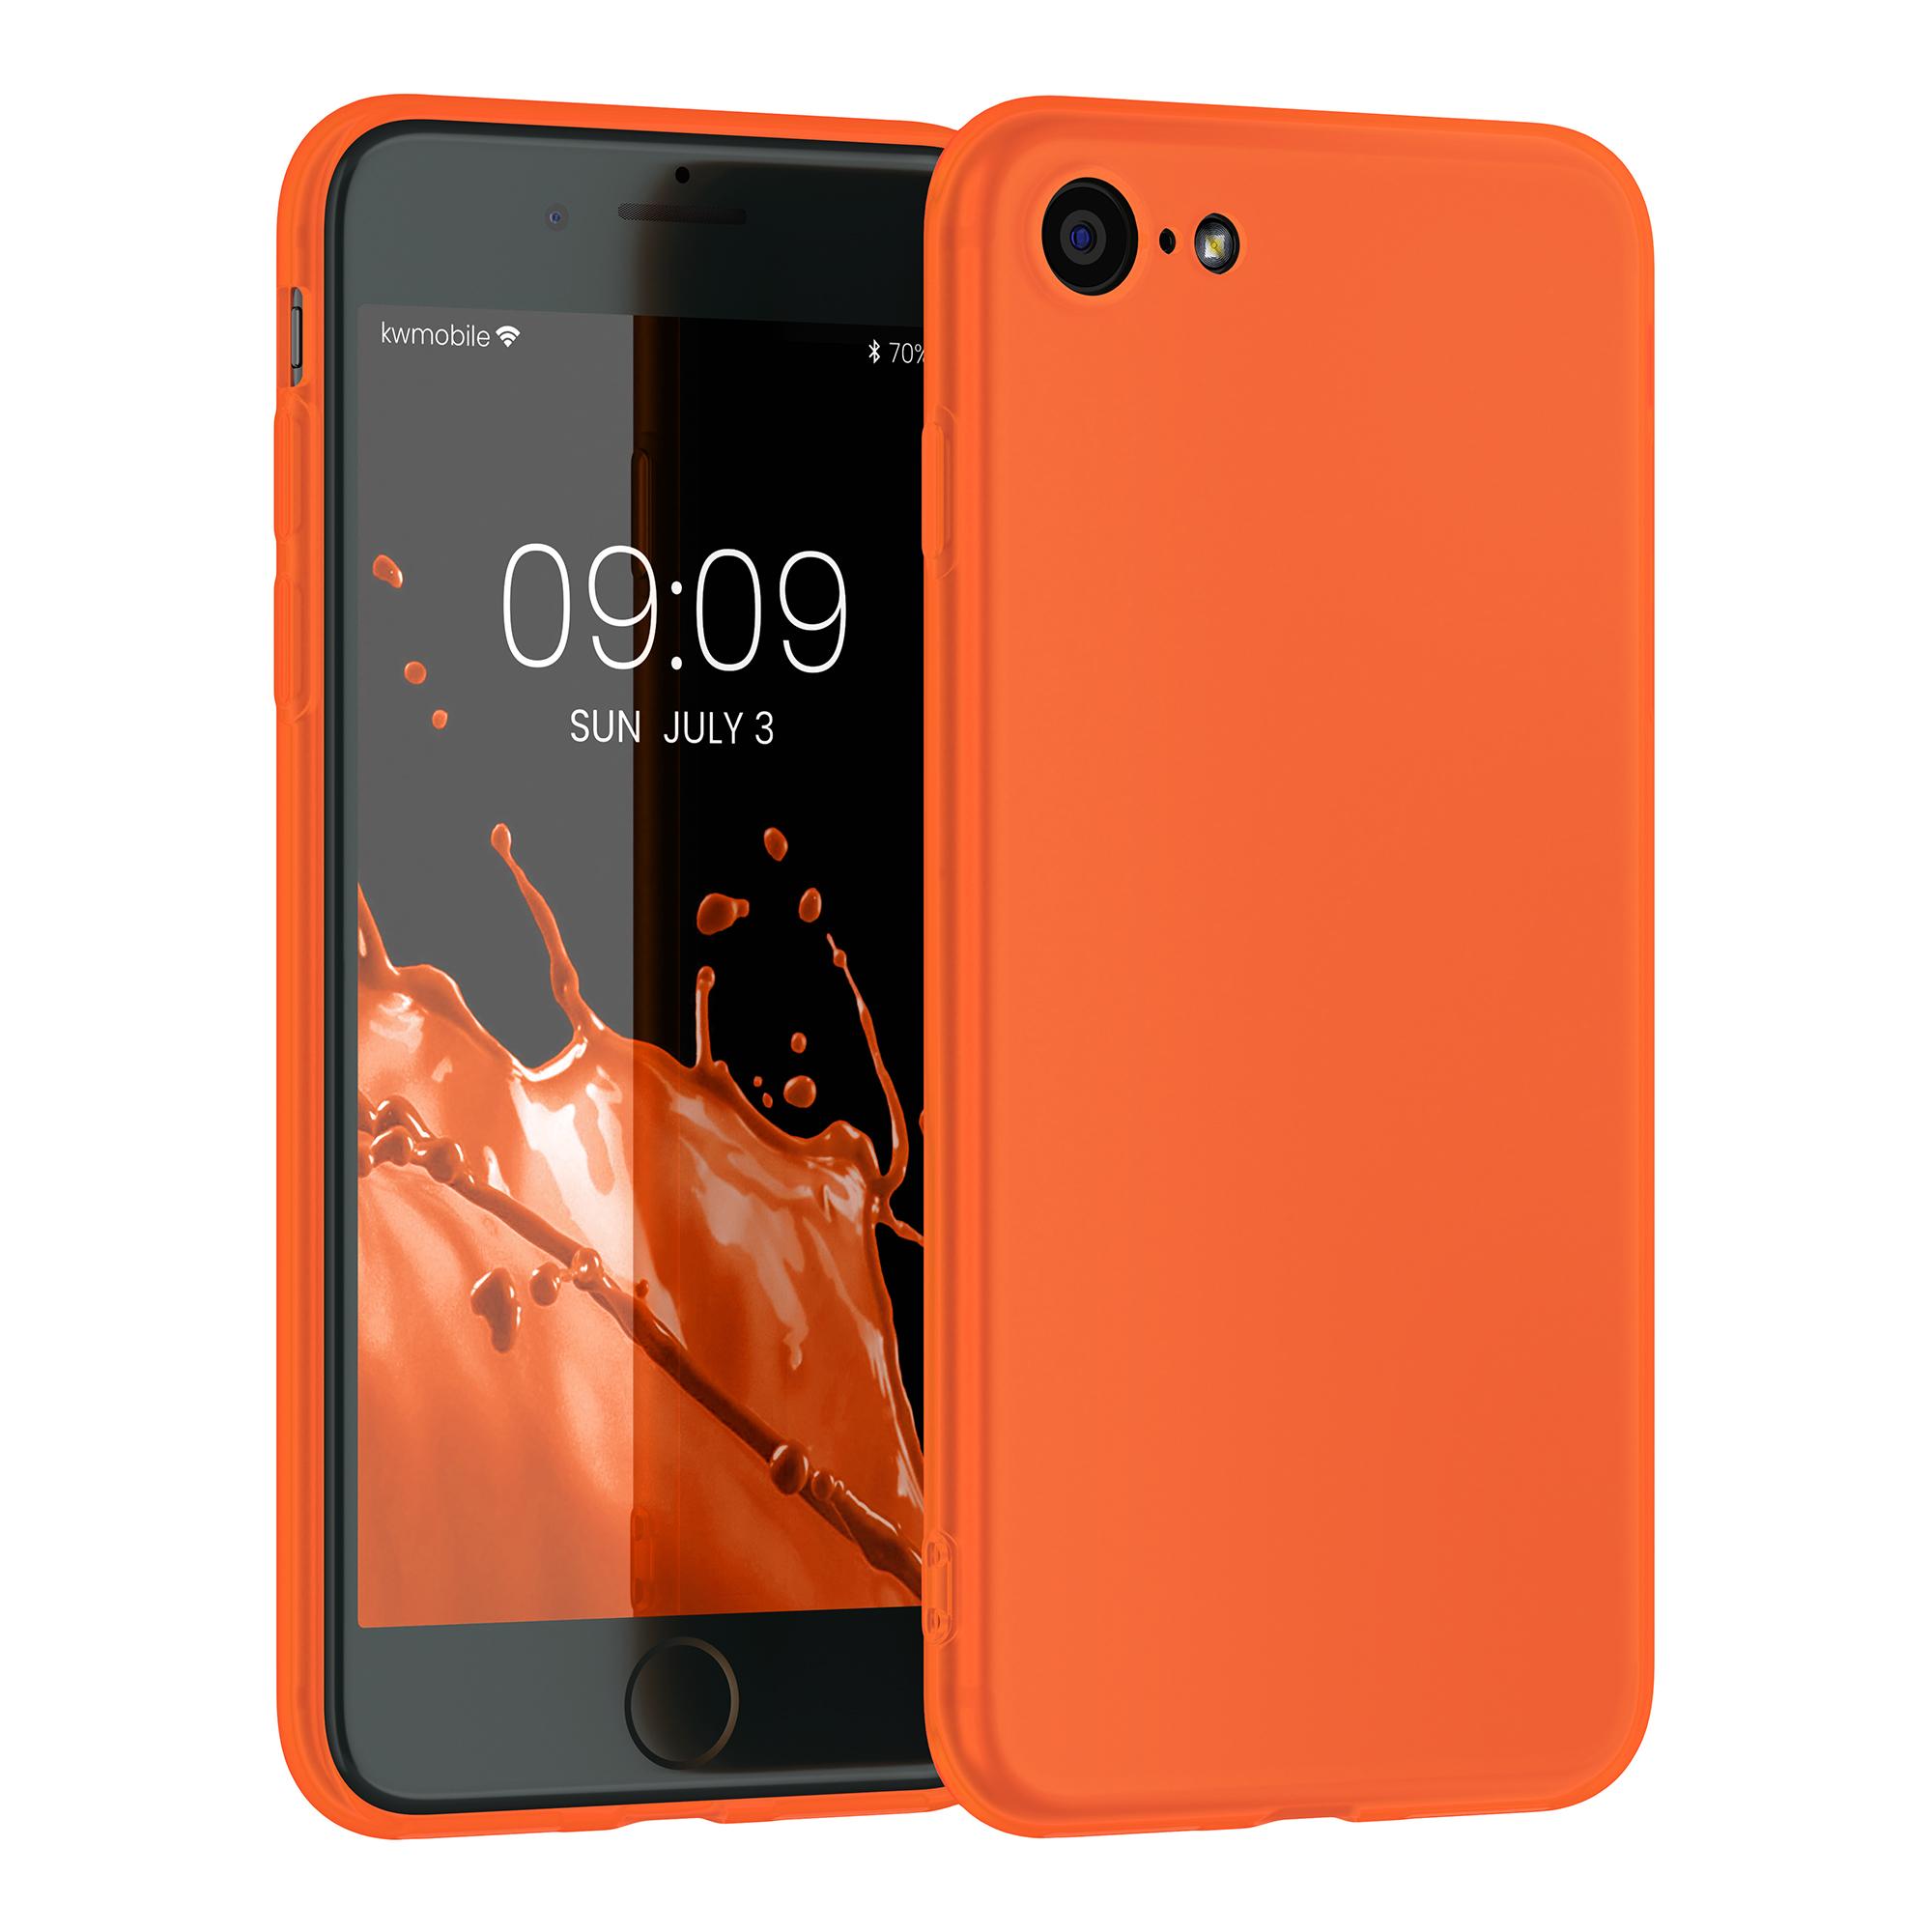 Kvalitní silikonové TPU pouzdro pro Apple iPhone 7 / 8 / SE  - Neon Orange